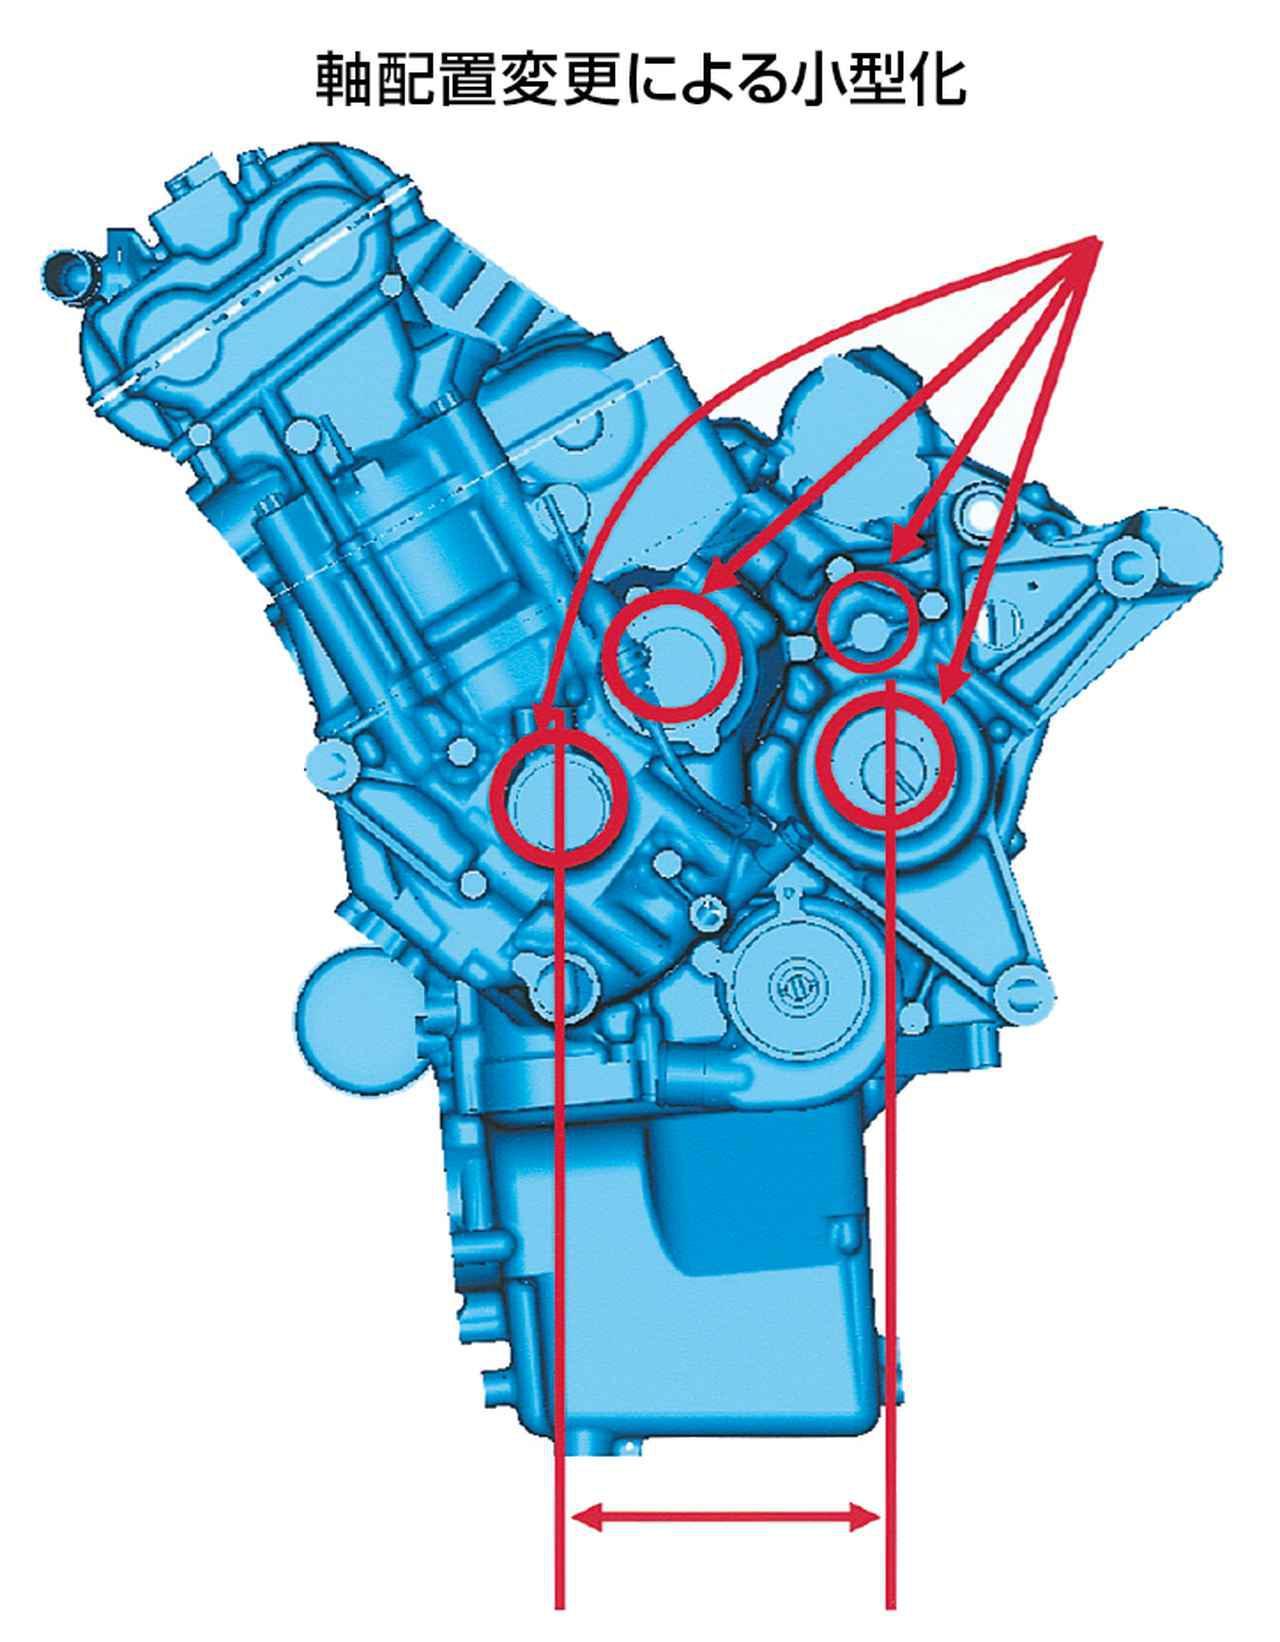 画像: 2005または06年型のエンジン右側面図を基にしたイラスト。2002〜04年型と同じく、クランク/バランサー/ミッションのメイン/ミッションのカウンターという4軸構成であるのは変わらないが、バランサー軸とミッションのメイン軸(この右端にプライマリードリブンギアとクラッチを装備)を思い切り上に上げることにより、クランク軸〜カウンター軸(この左端にドライブスプロケットをマウント)間の距離をさらに短縮している。これは、エンジン前後長を詰め、ホイールベースを伸ばすことなく、より長いスイングアームを使用するためであり、最終的な目的は、減速時の車体の安定性を高めることにある。